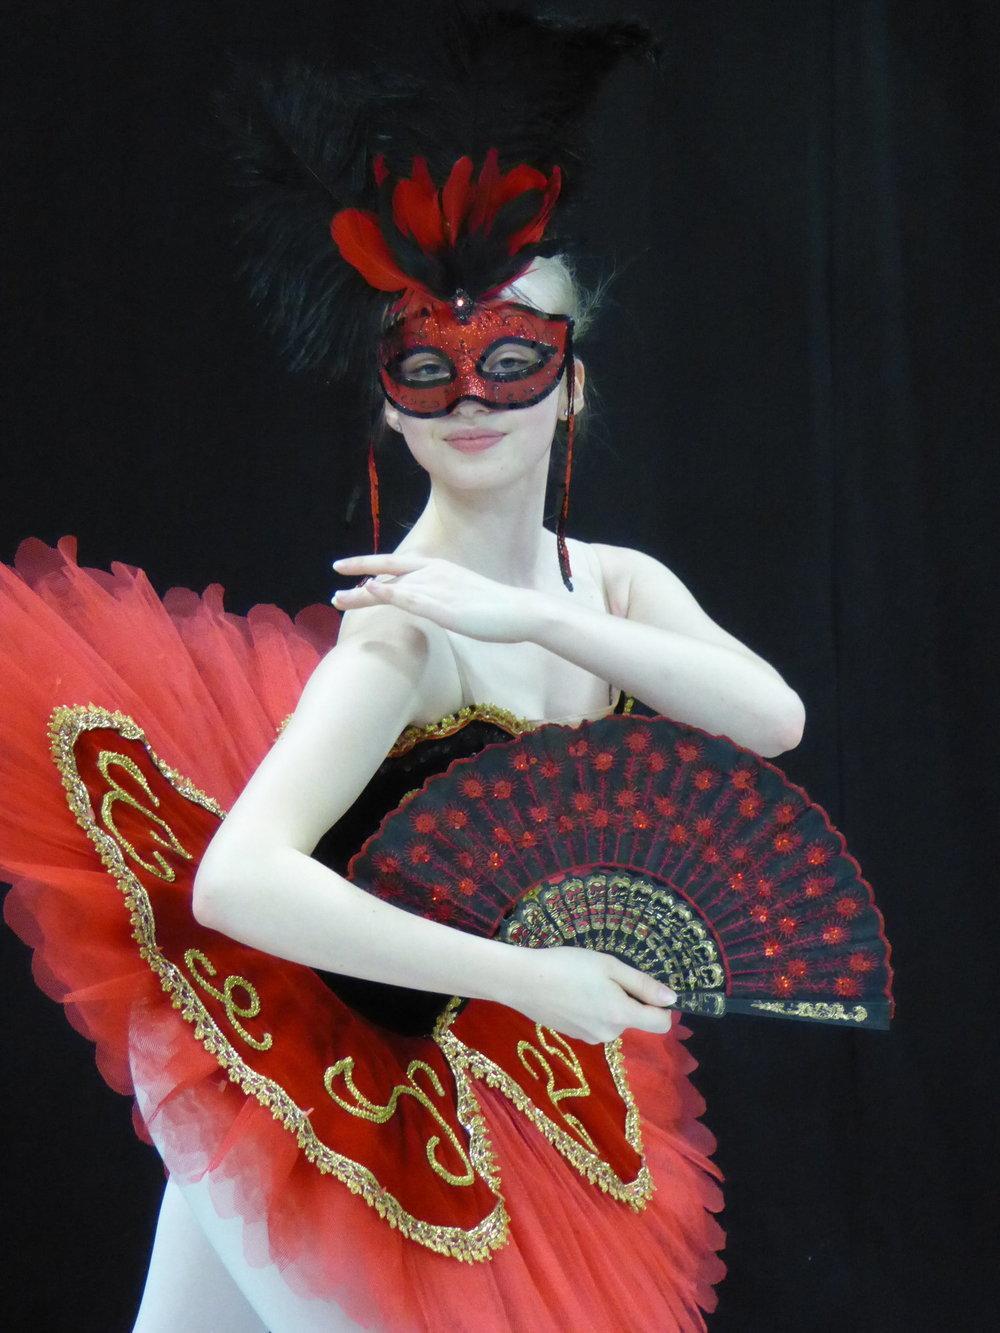 Julianna Ball - Columbia City Ballet